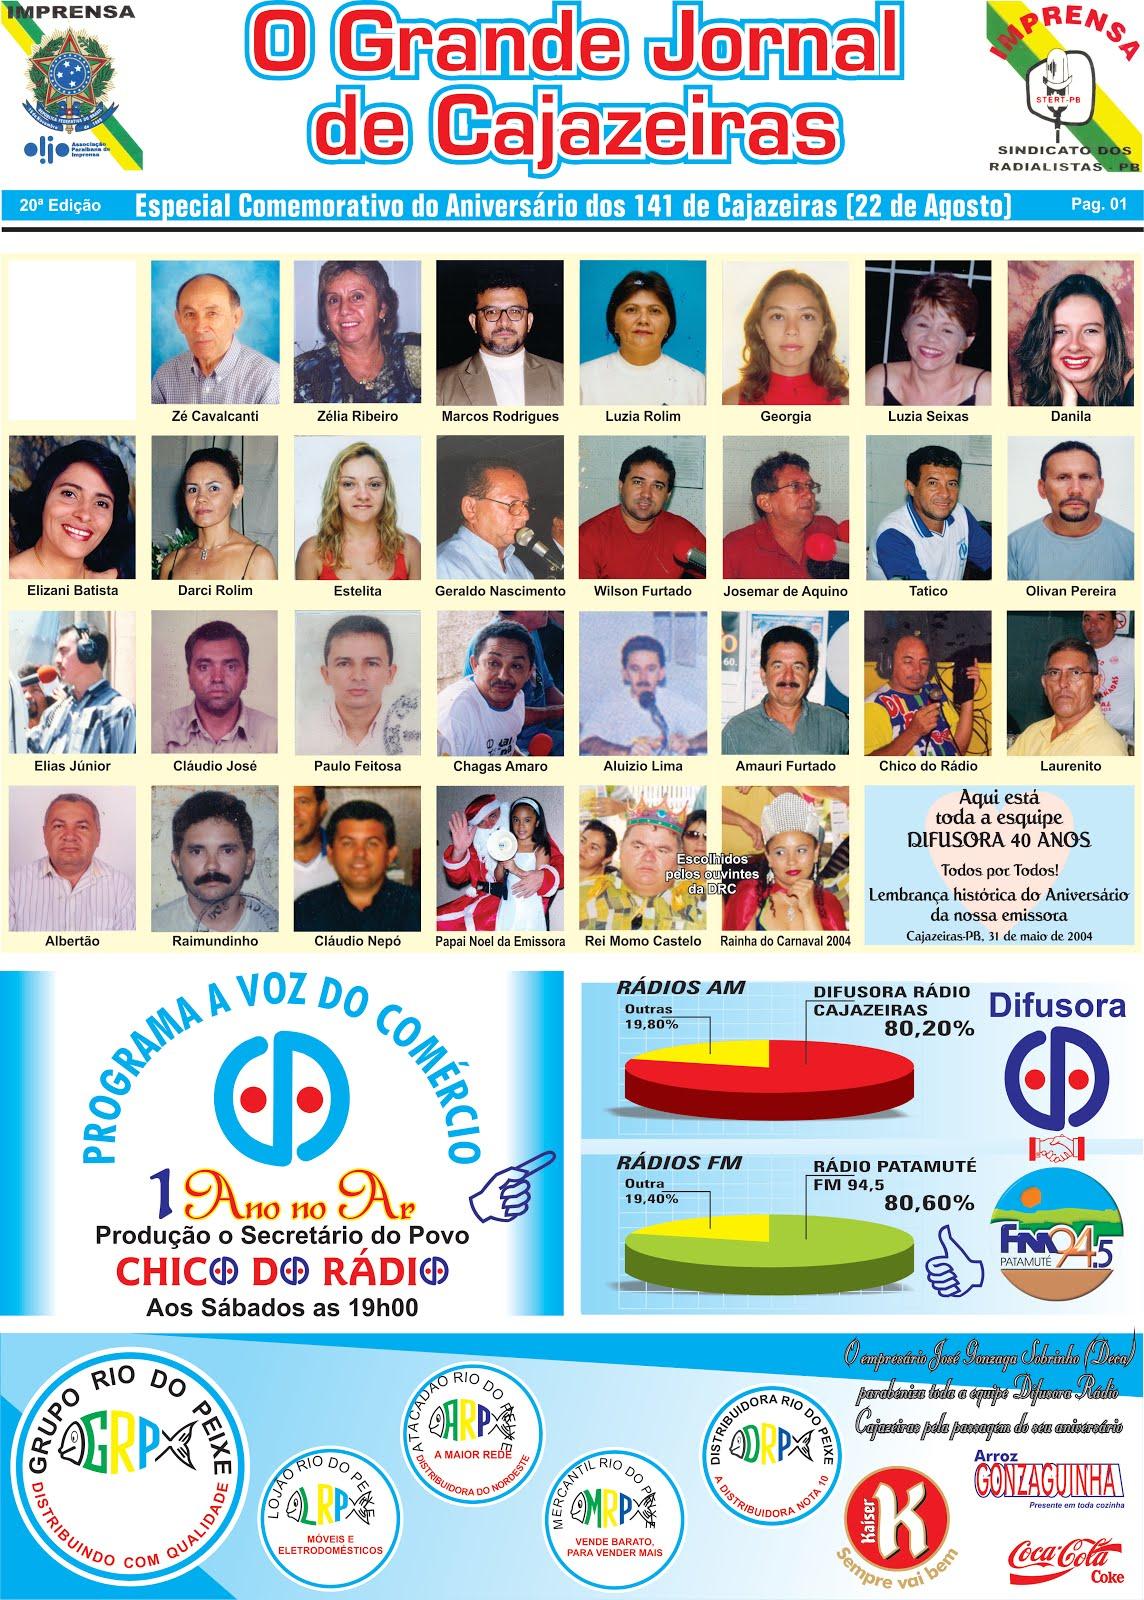 O GRANDE JORNAL DO ESTADO PB INICIOU  SUAS ATIVIDADES COM O GRANDE JORNAL DE CAJAZEIRAS PB